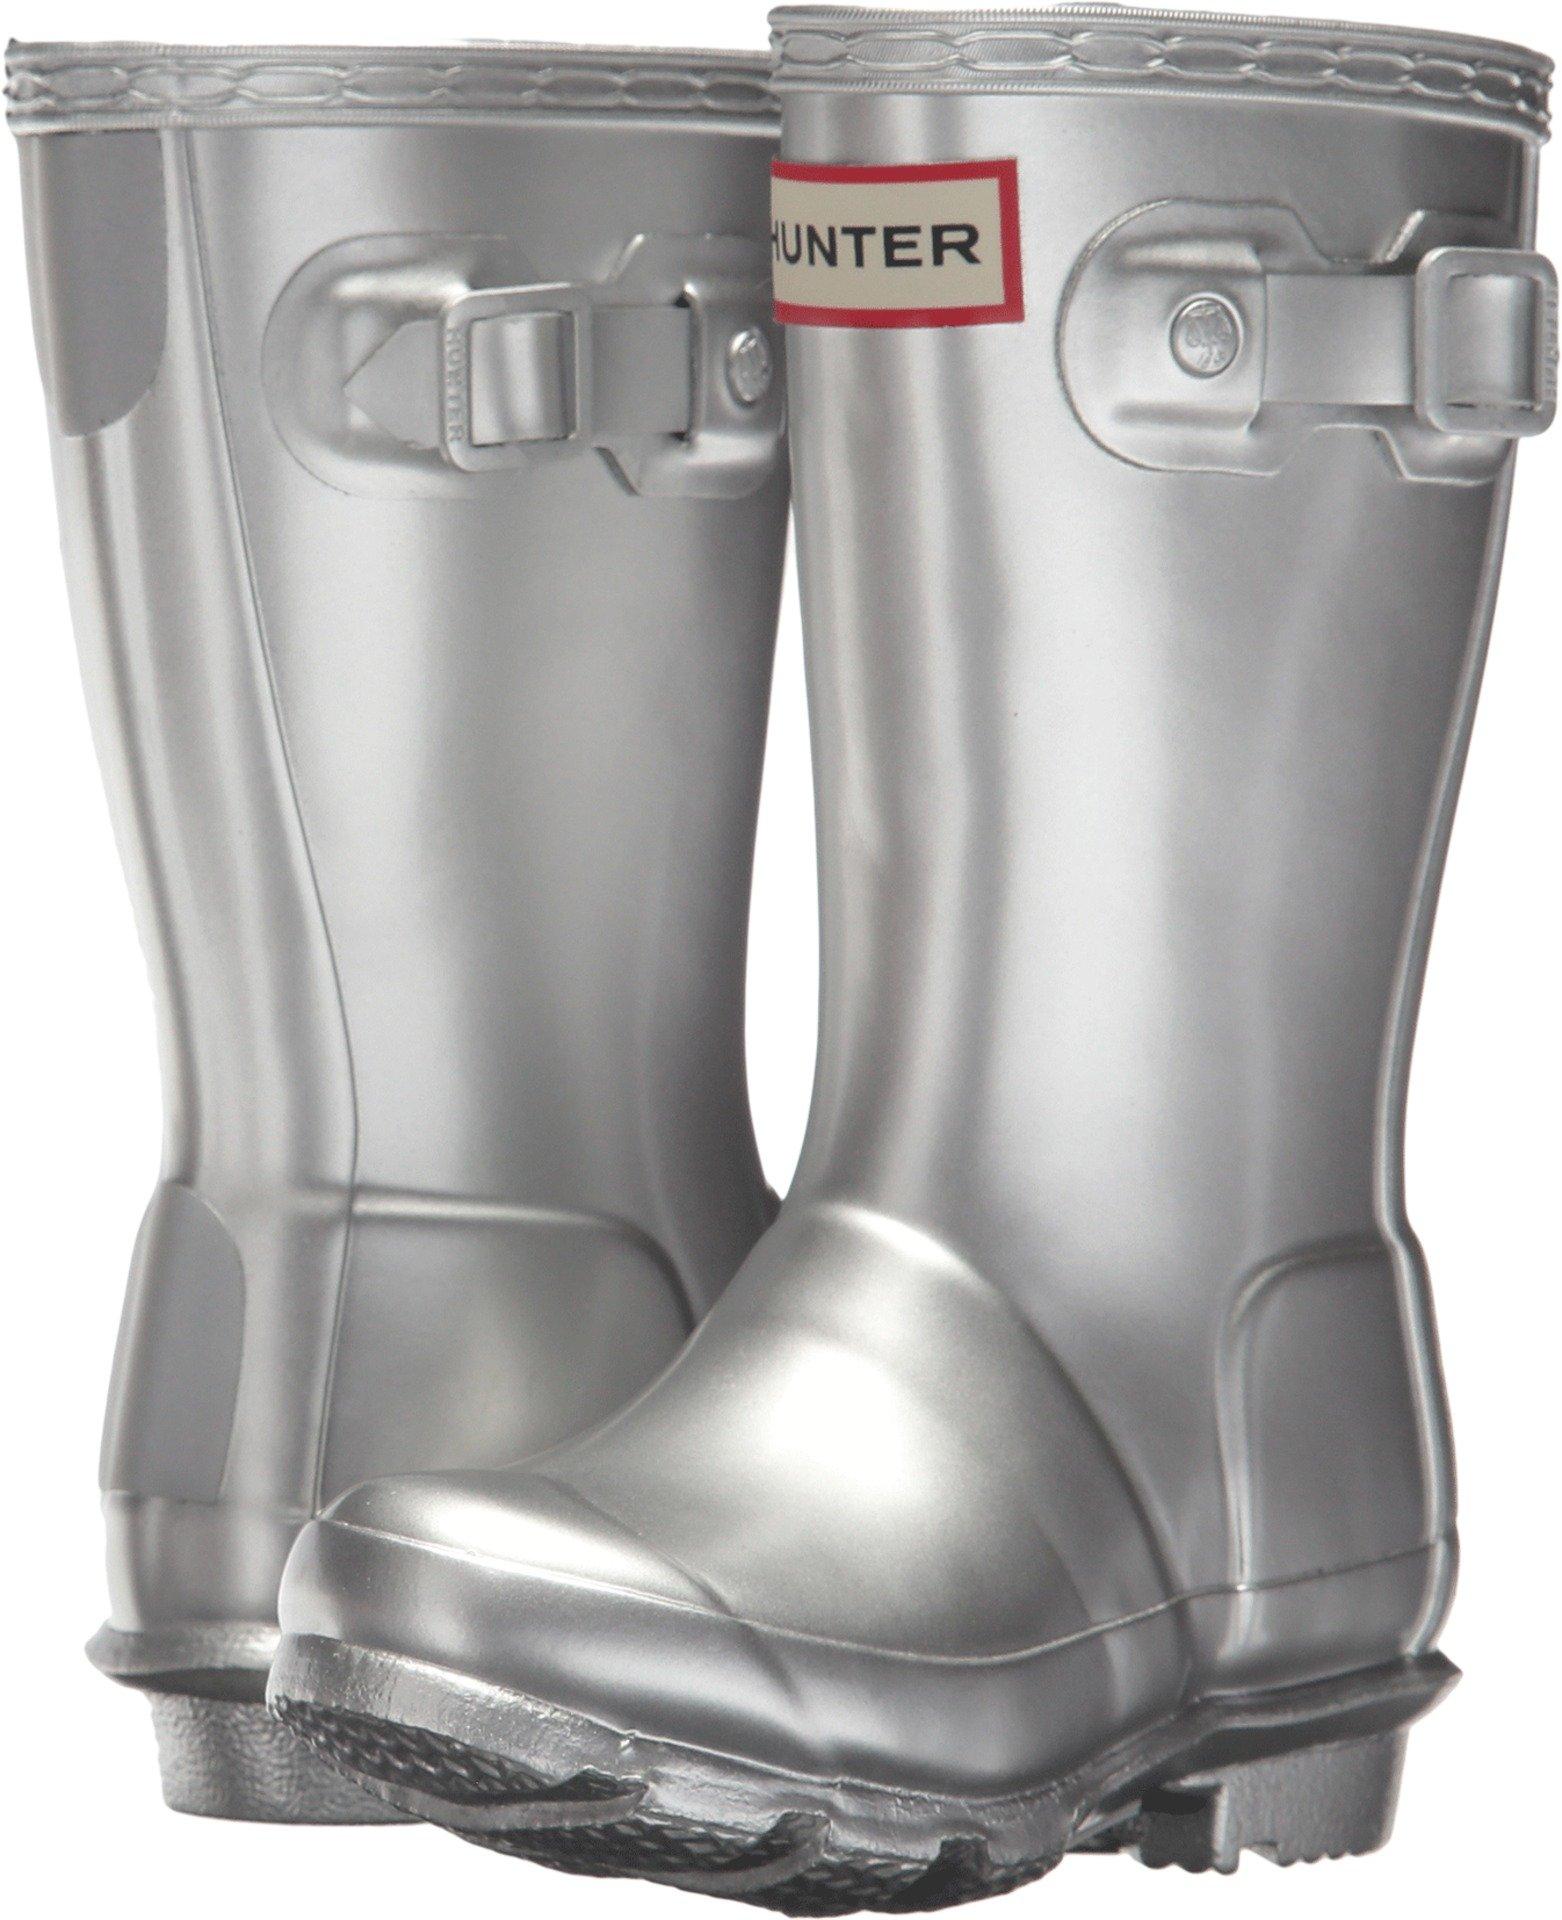 Hunter Kids Unisex Original Metallic Rain Boot (Toddler/Little Kid) Silver 9-10 M US Toddler